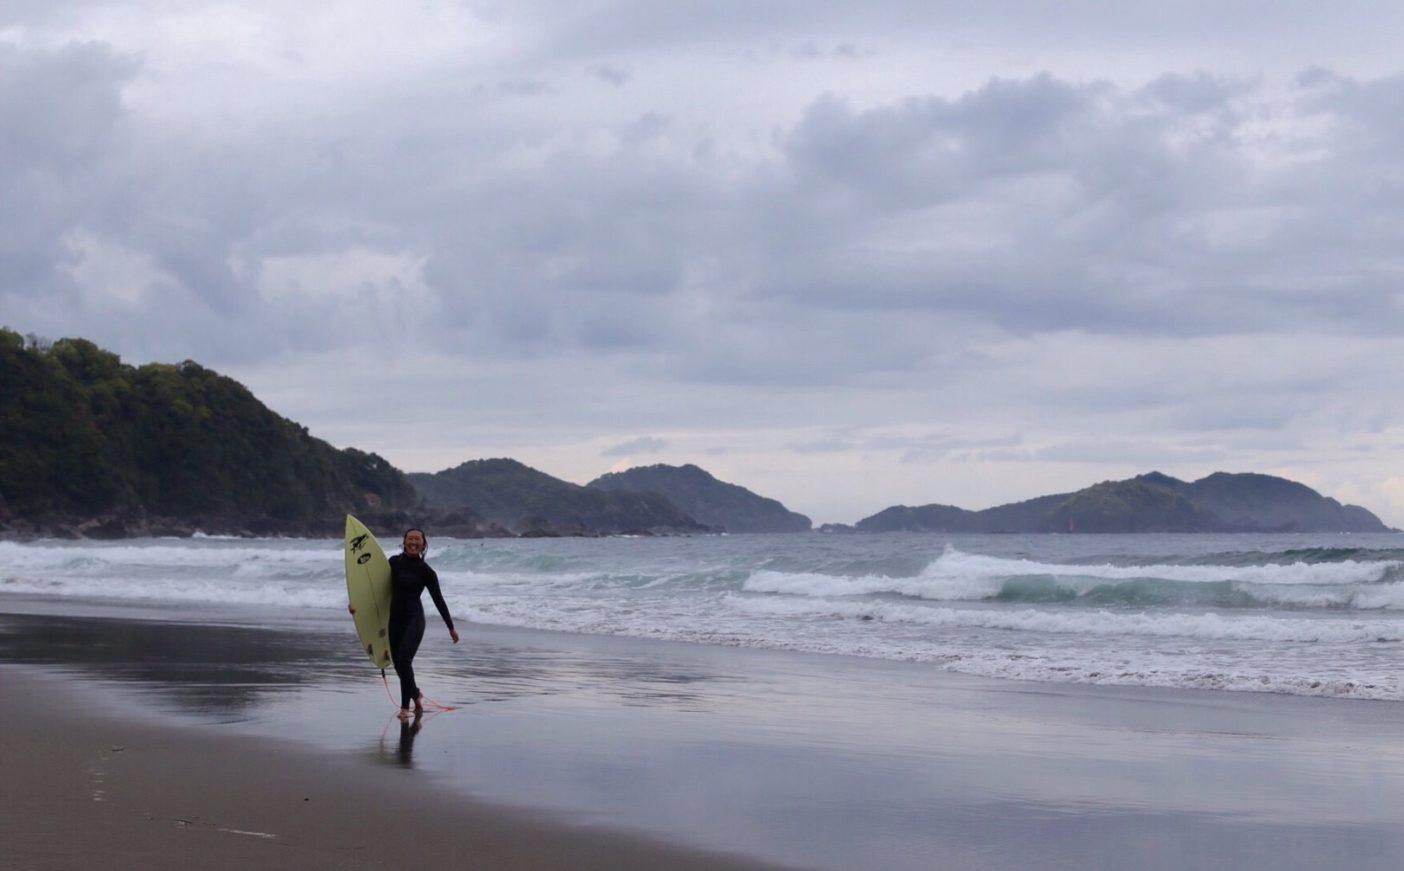 Surfing makes me happy! それが全ての動機。サーフィンに生かされる人生、それもまた良し。写真:武知 実波